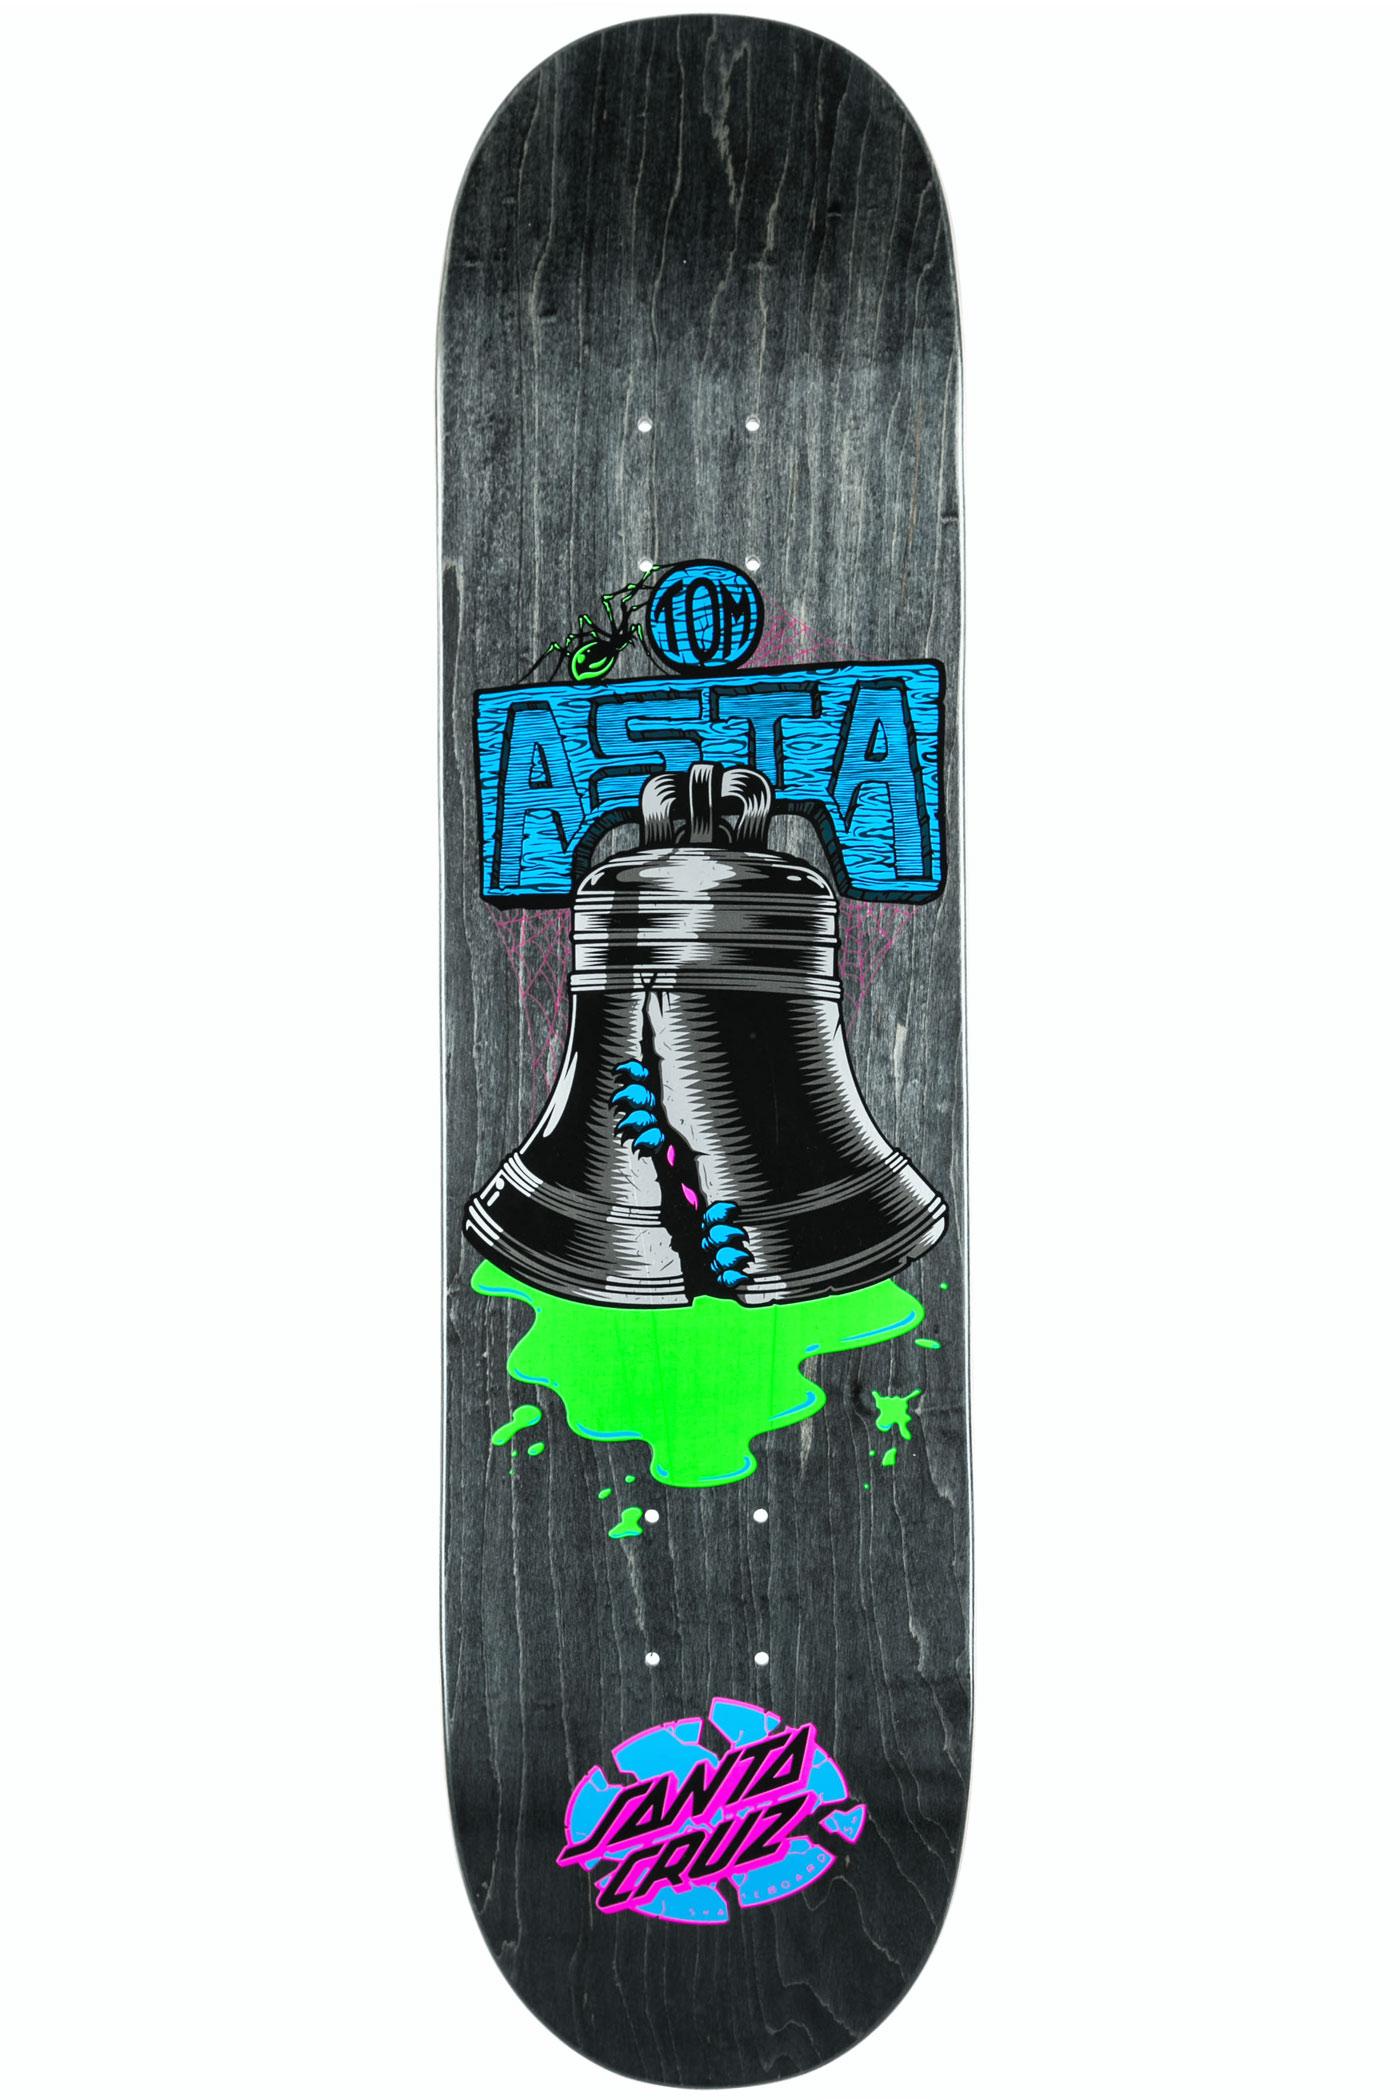 Santa Cruz Asta Bell 8 Quot Deck Black Buy At Skatedeluxe